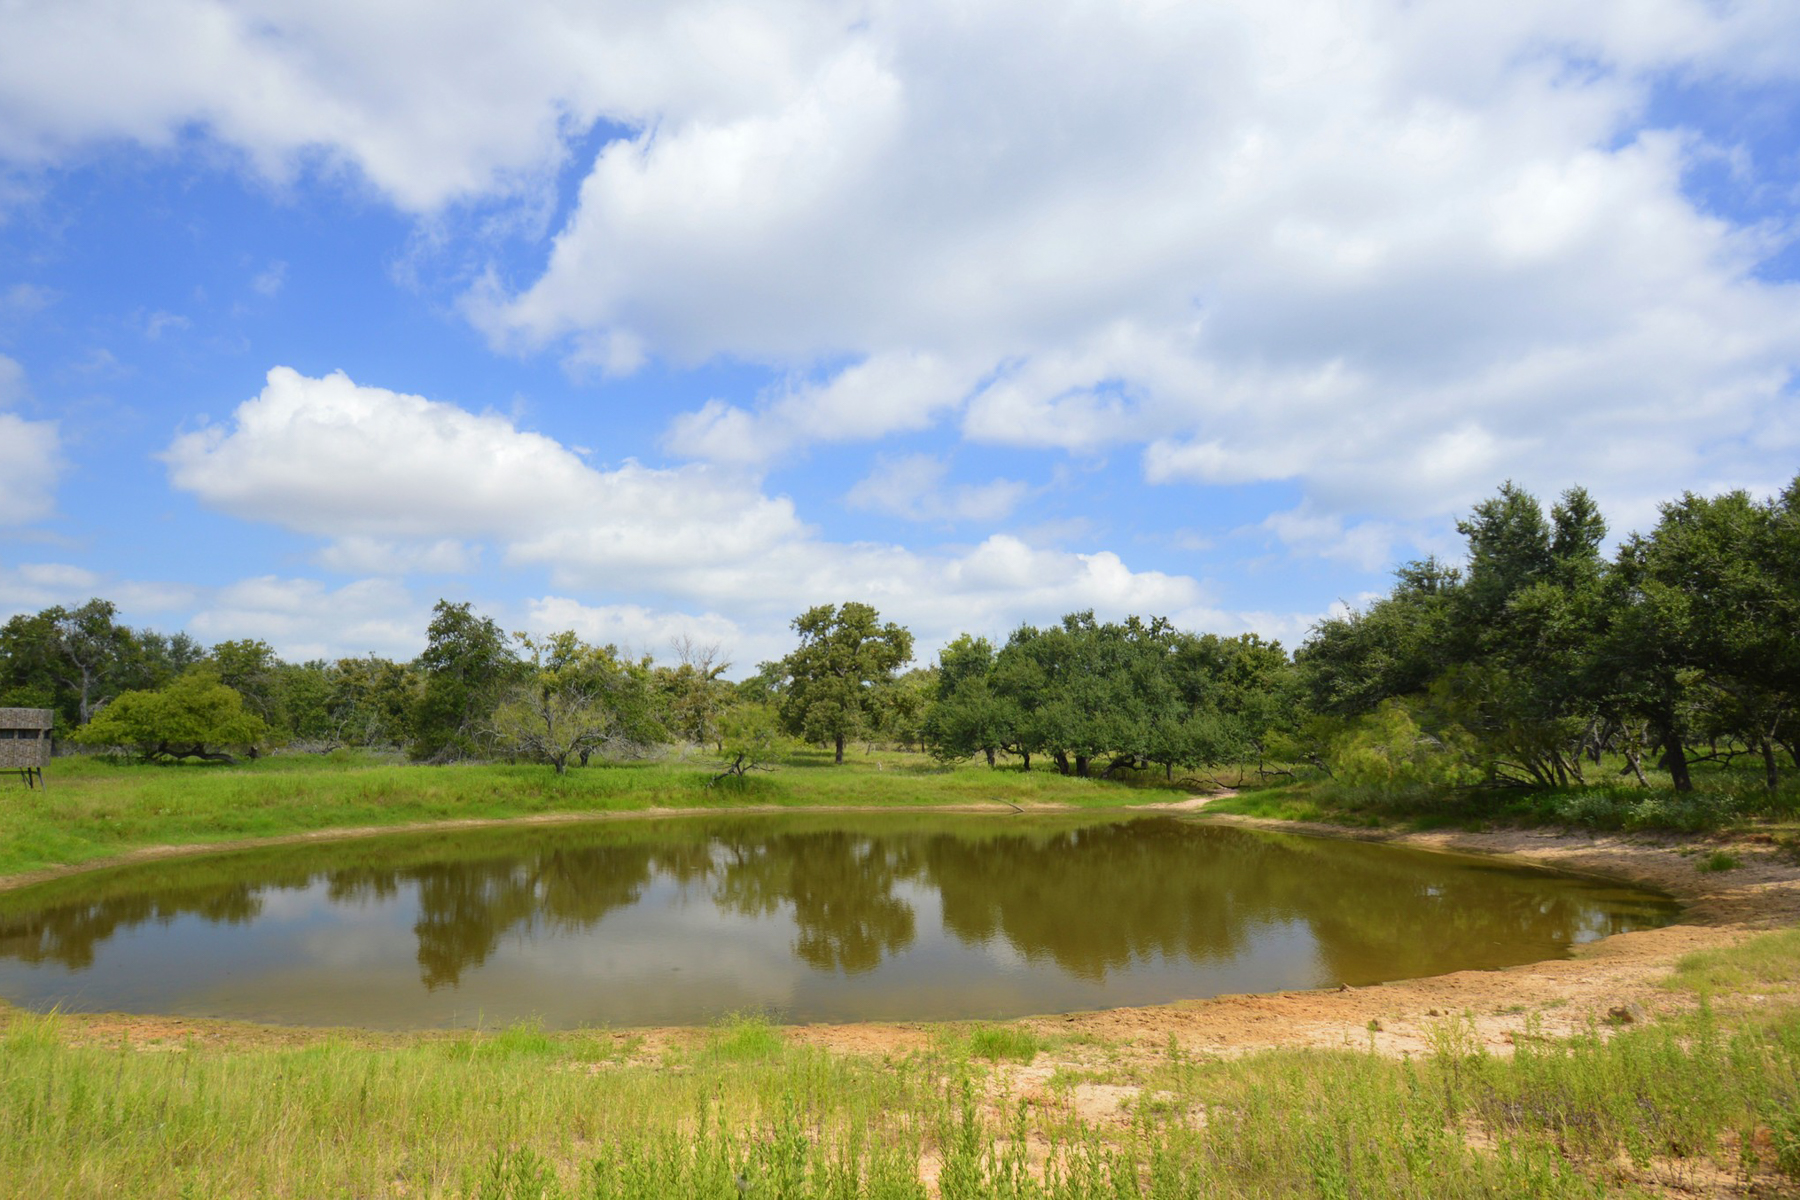 Ferme / Ranch / Plantation pour l Vente à 717± Acres Leprechaun Ranch 717+- AC - Bexar-Atascosa Co nty San Antonio, Texas, 78224 États-Unis